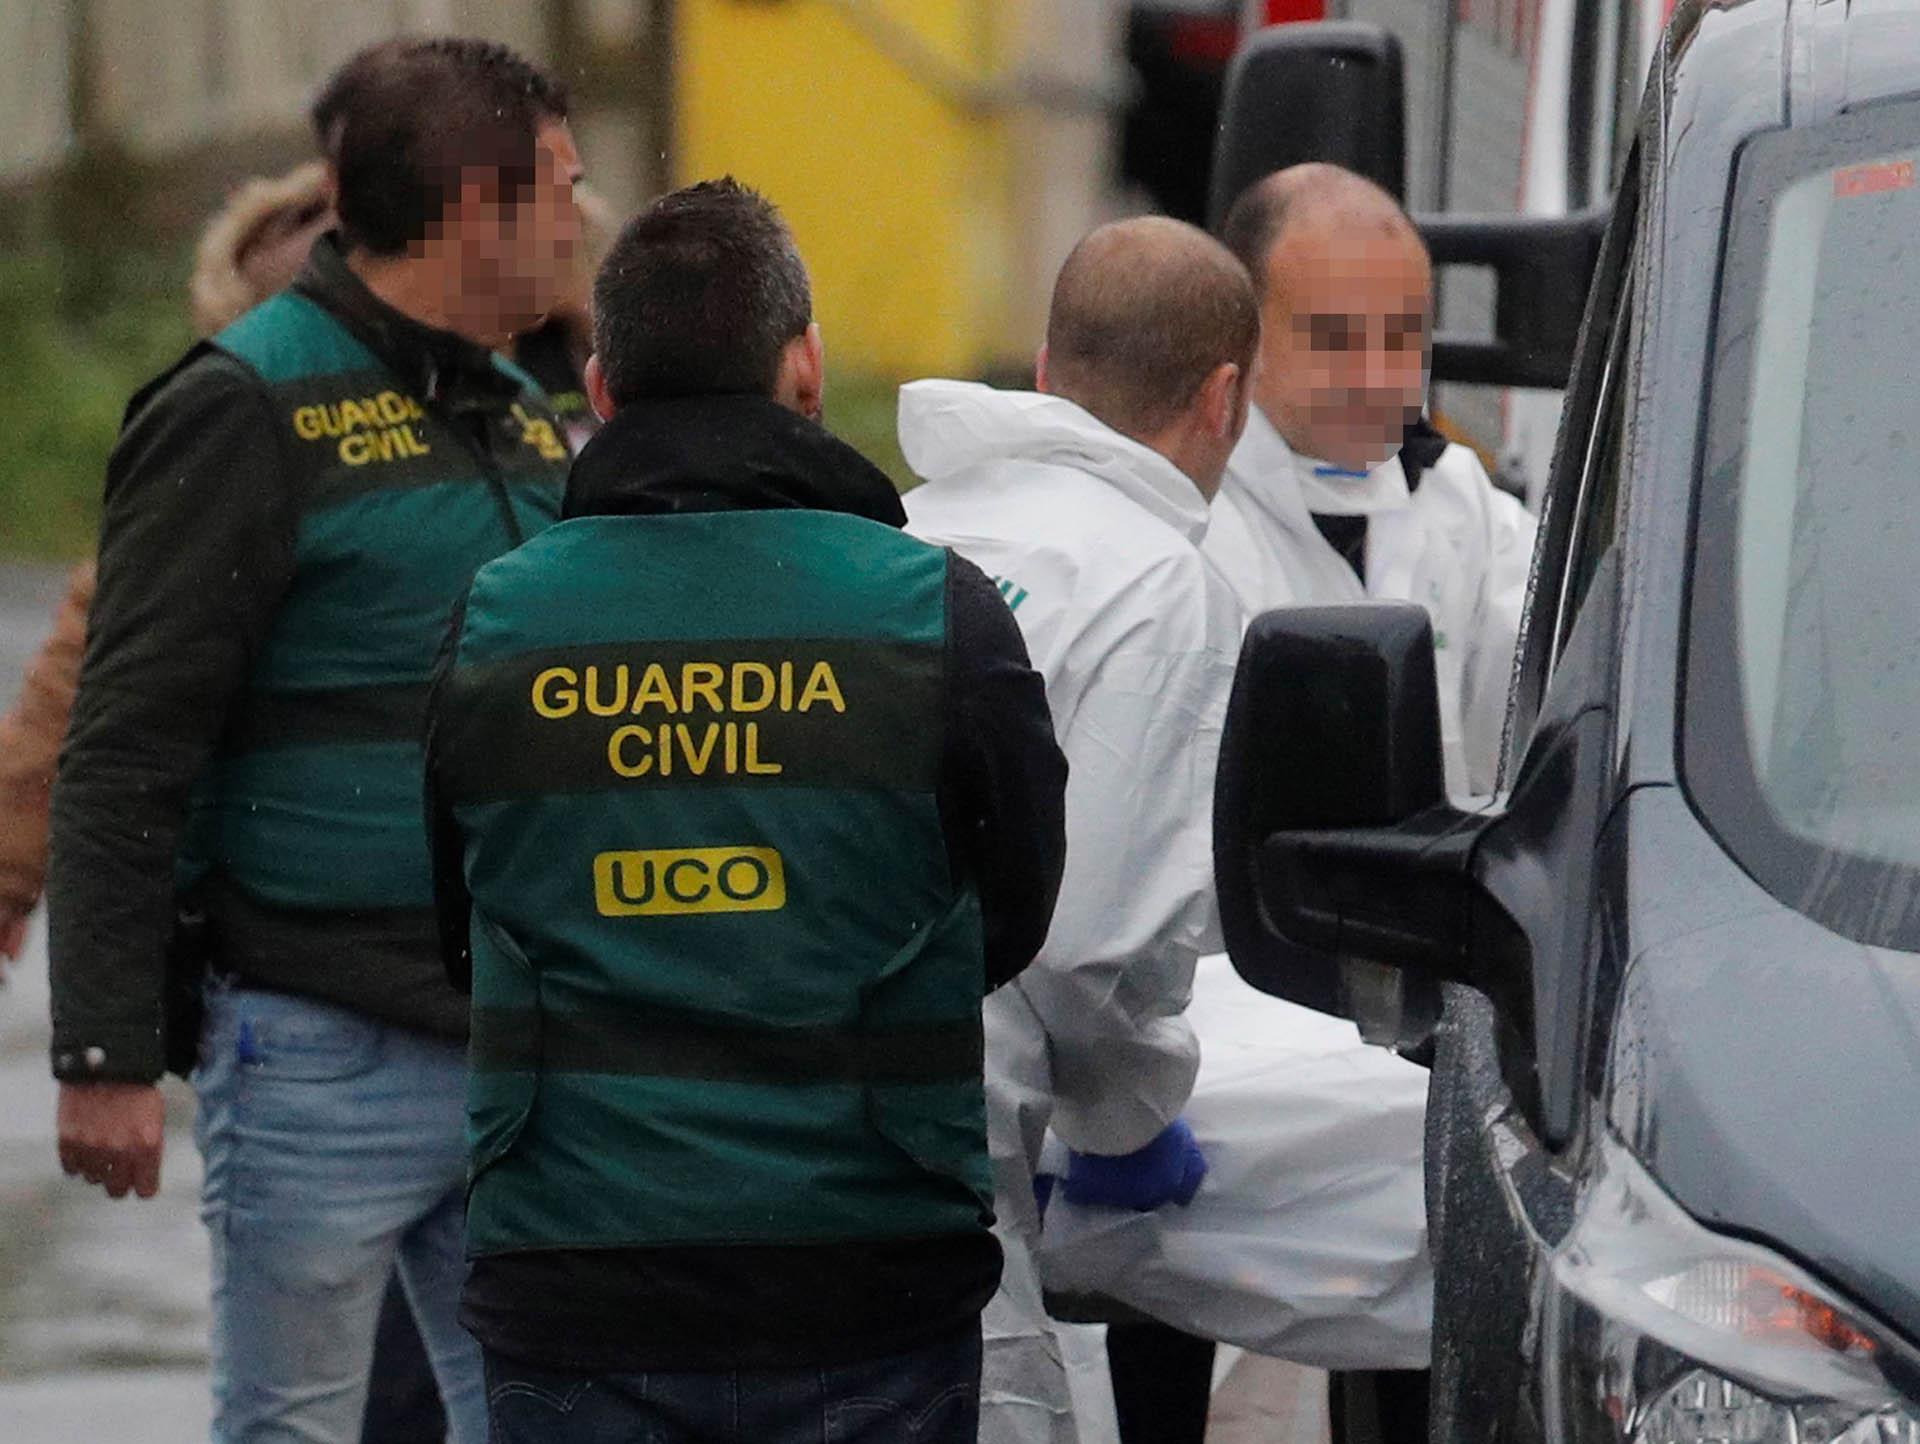 Efectivos de la Guardia Civil traslada en una camilla los restos del cadáver encontrado (EFE)